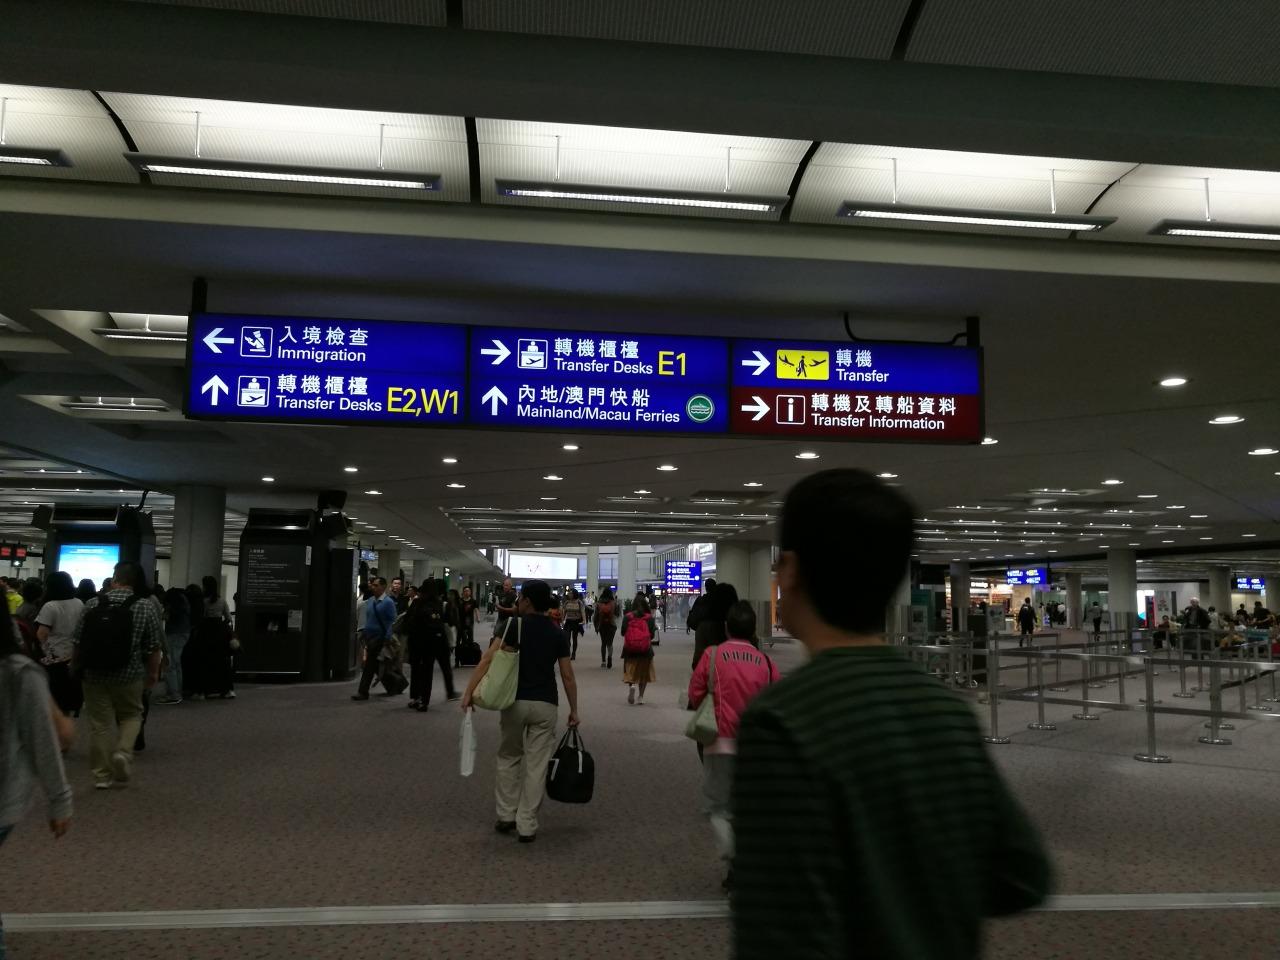 深圳探訪 — 香港空港からバスで羅湖口岸に行き,深圳入り